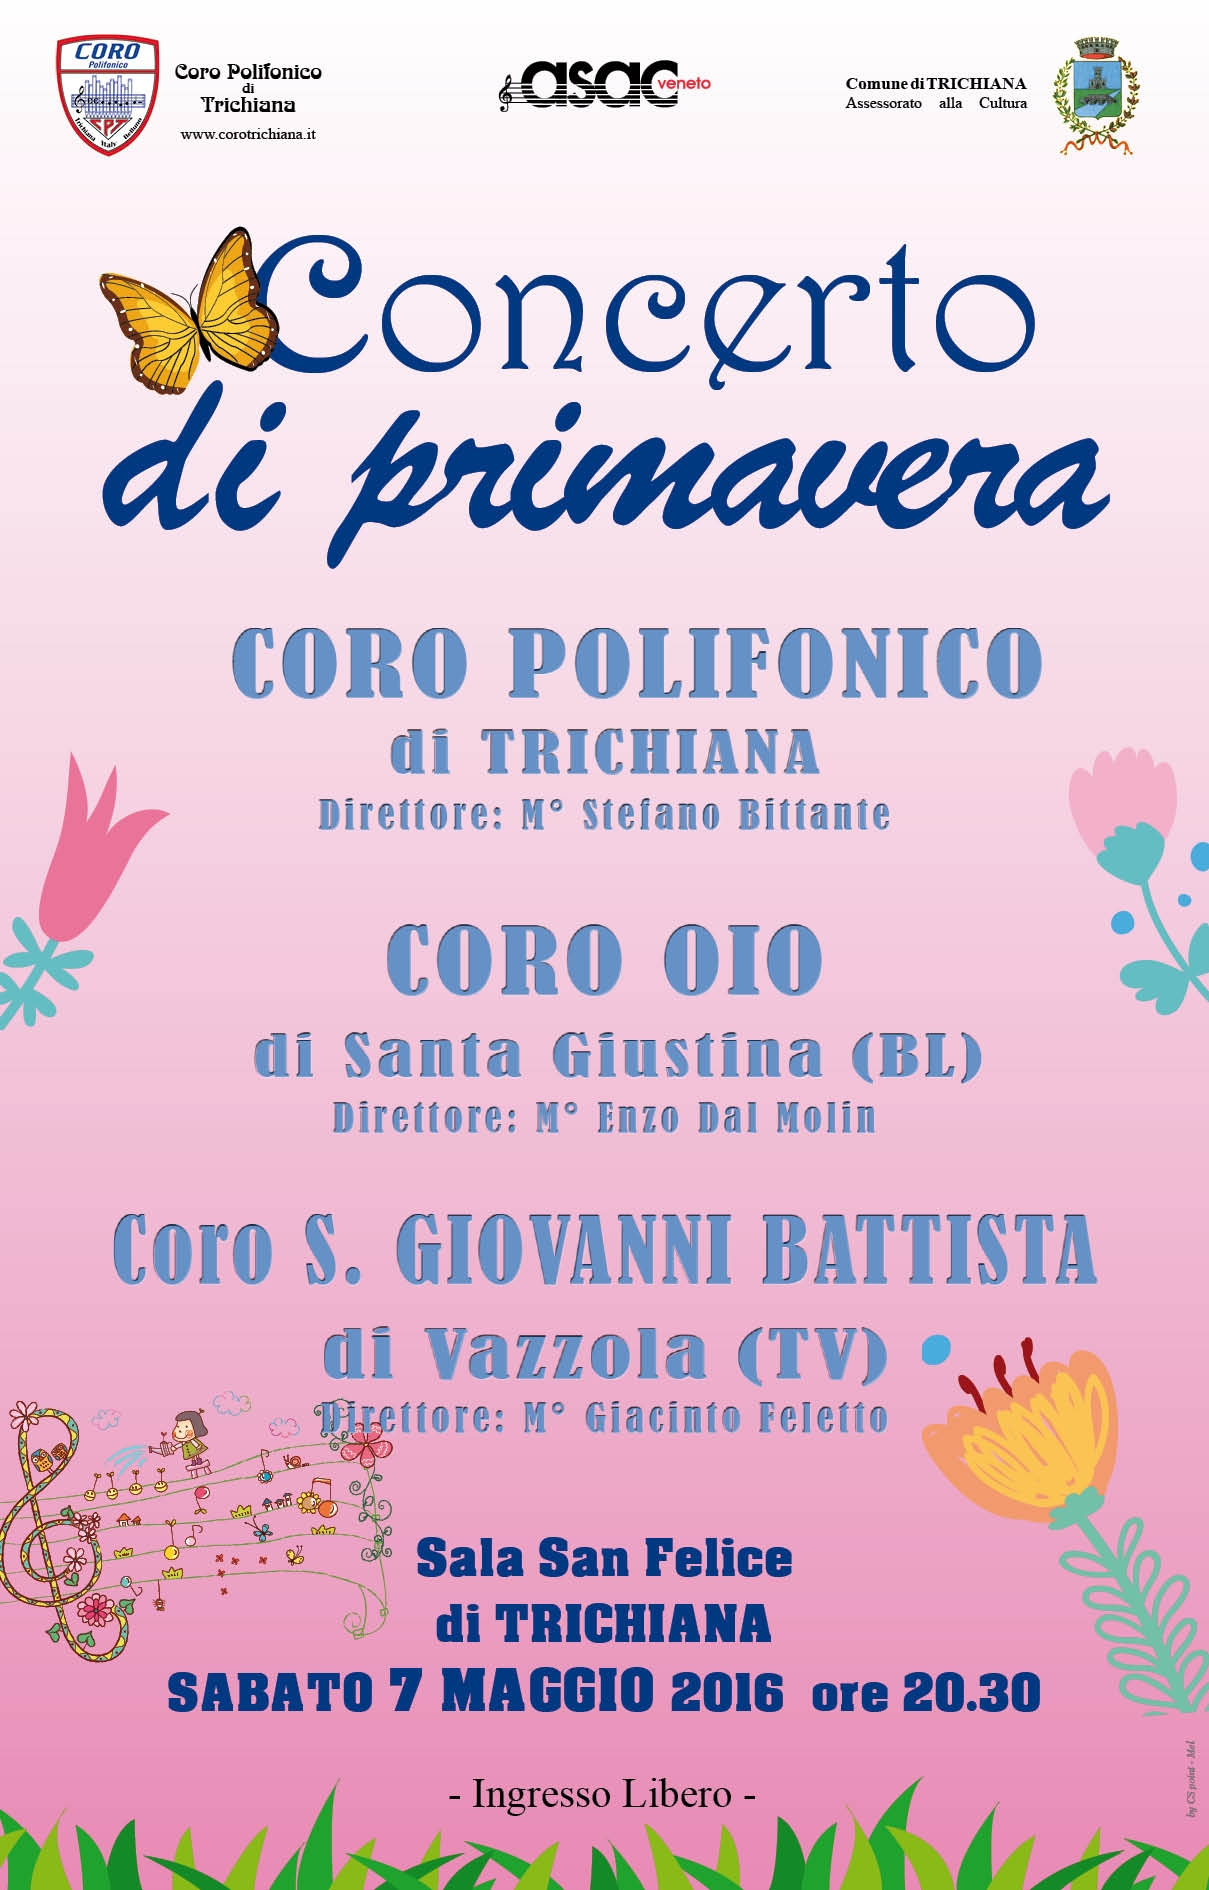 Locandina_concerto_primavera_Trichiana_2016